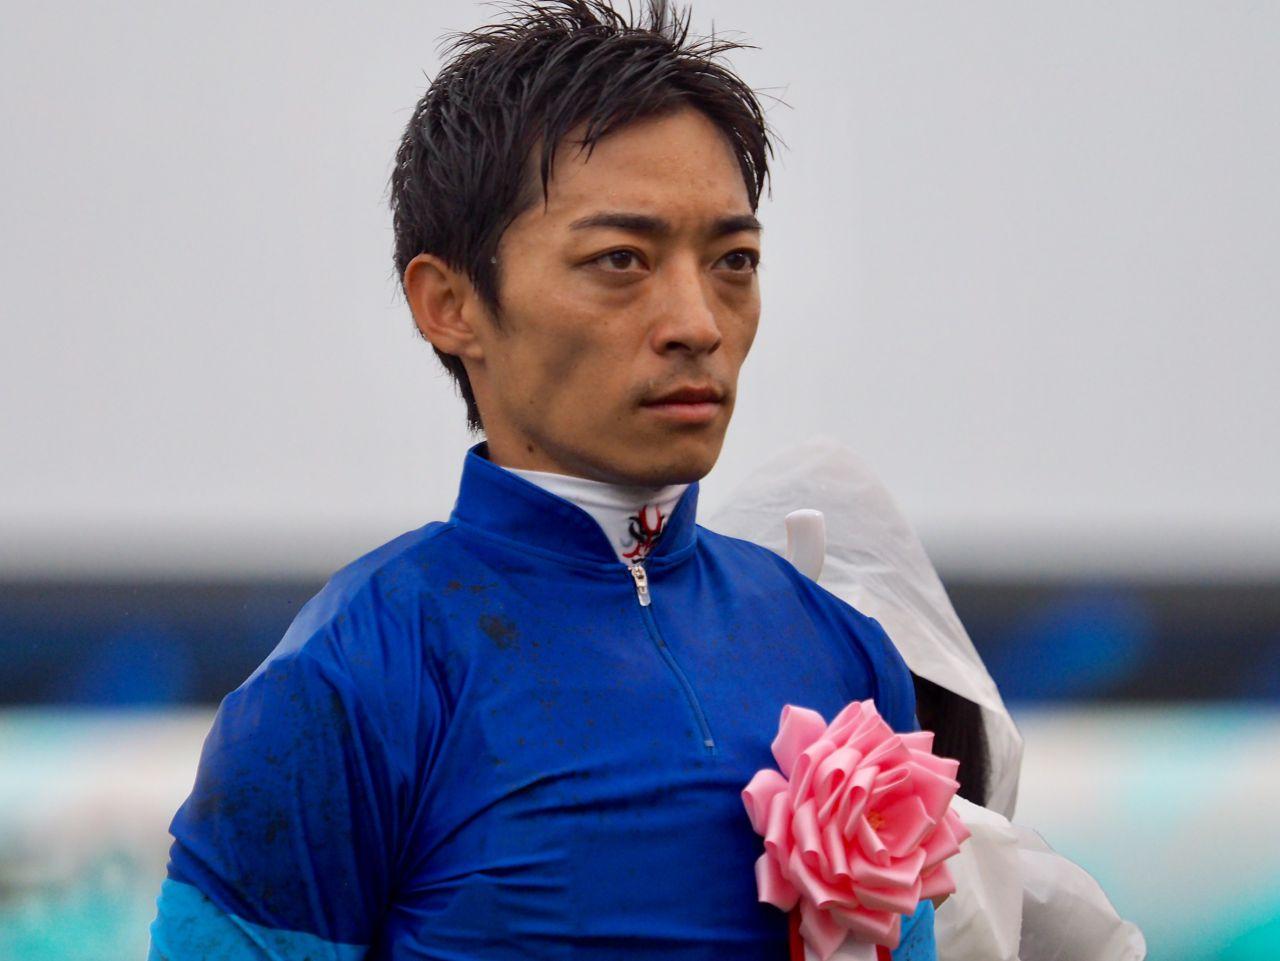 【スプリンターズS】川田「馬の力でよく捕まえてくれたなと思います」ファインニードルが力でねじ伏せる